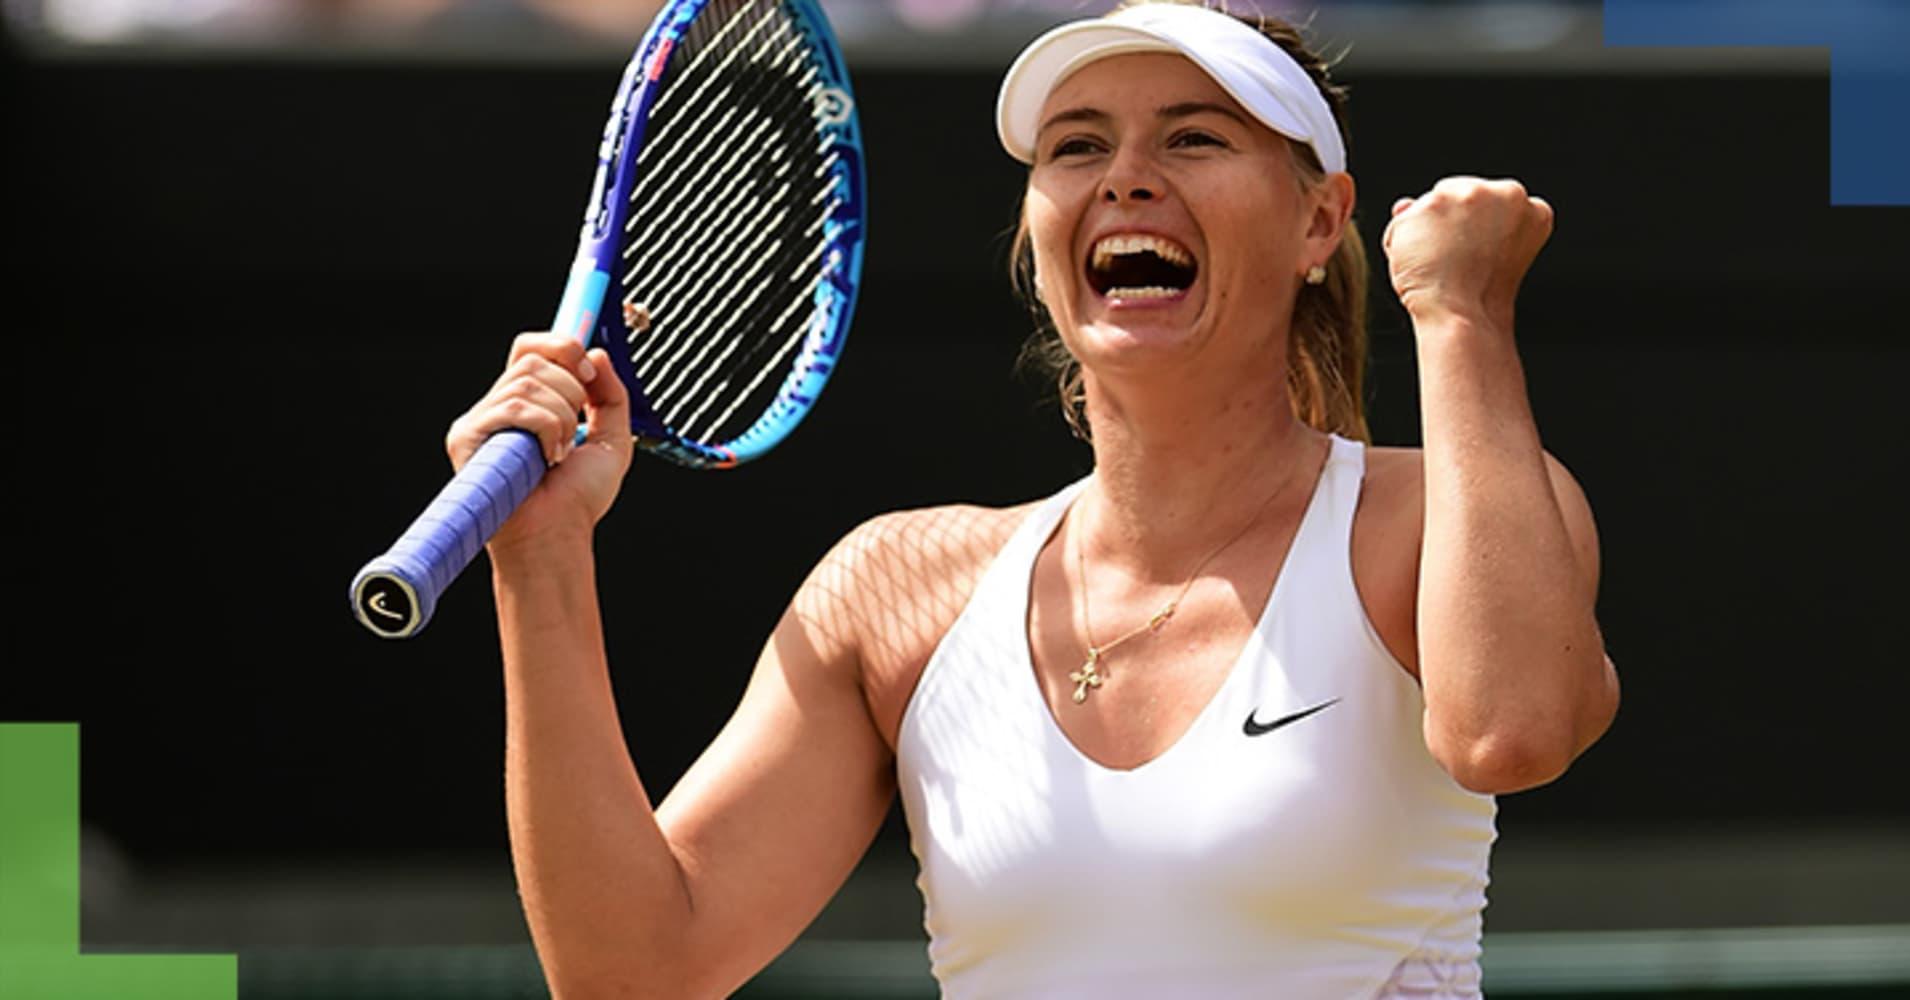 Grand Slamp champion Maria Sharapova